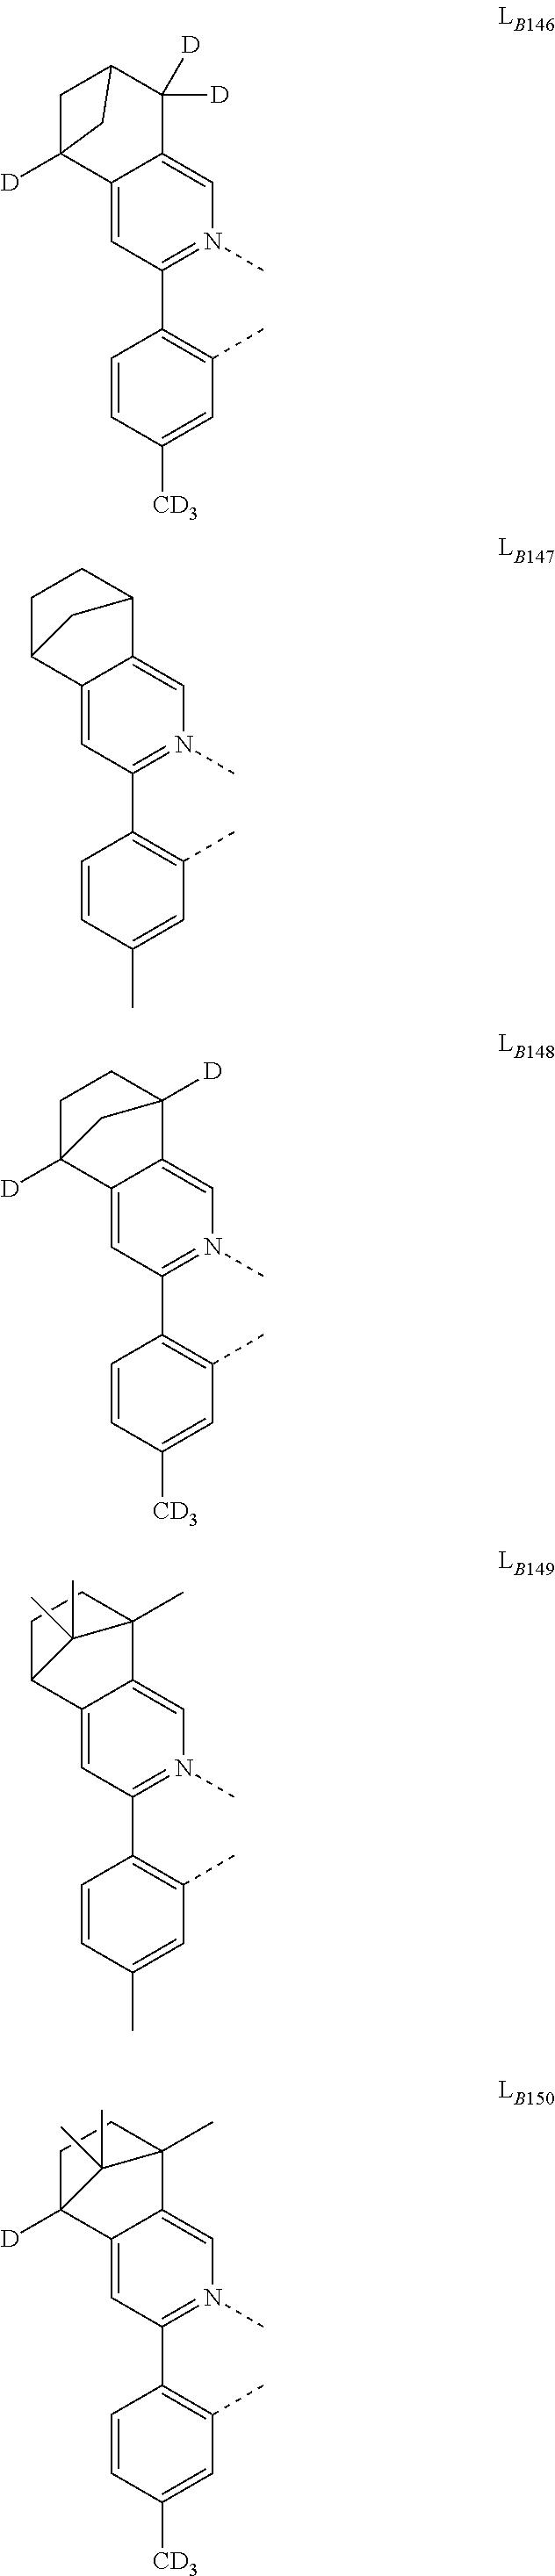 Figure US20180130962A1-20180510-C00095